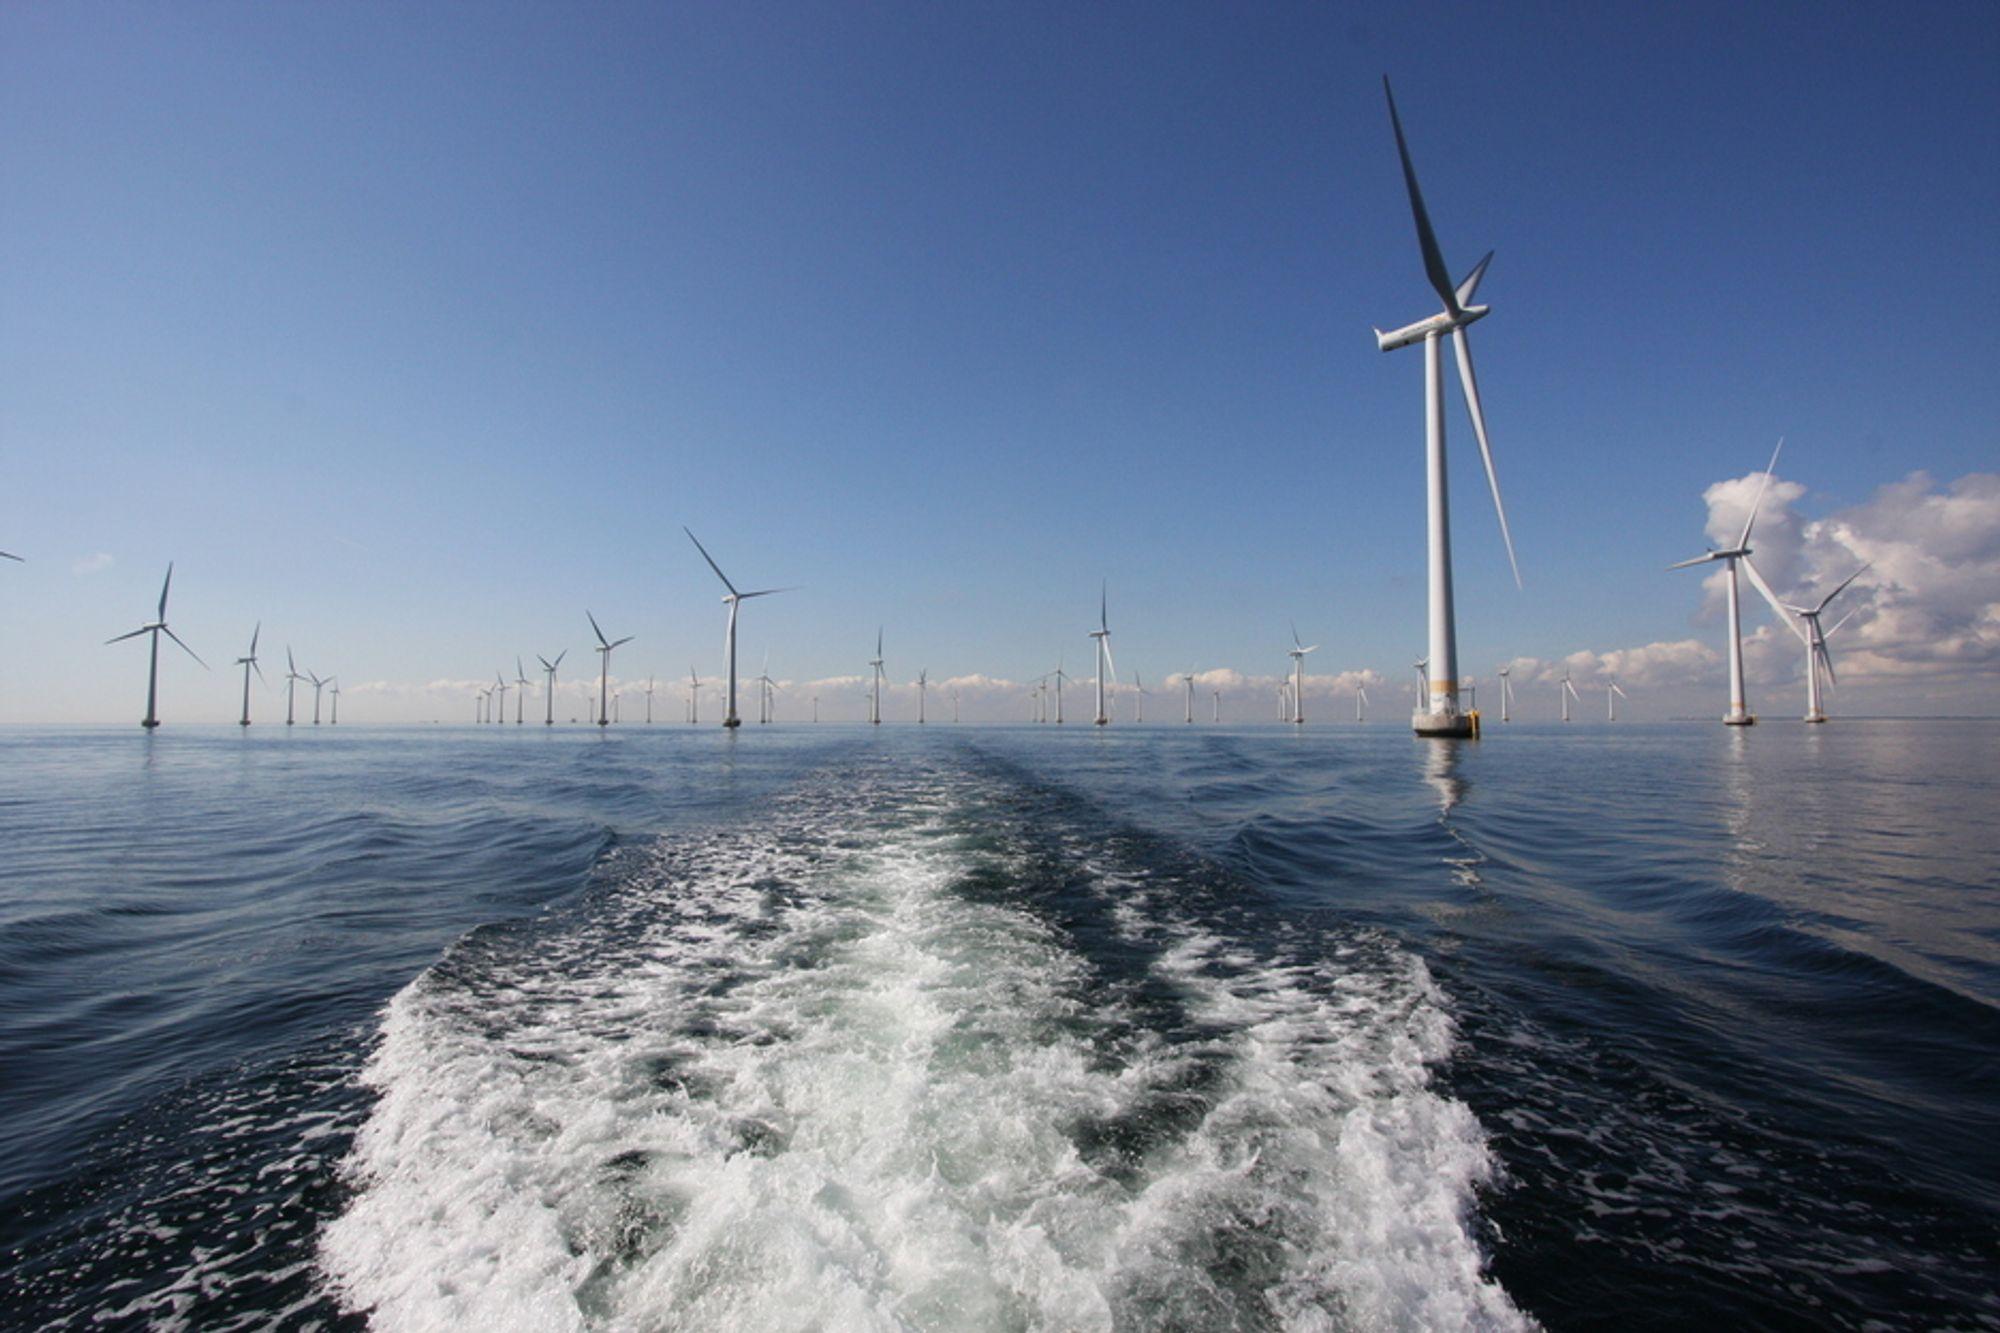 STORE MULIGHETER: I kjølvannet av teknologiutvikling innen havvind kan det ligge både penger og globale klimakutt, mener doktorgradsstipendiat Thomas Martinsen og professor Edgar Hertwich. Dette er den svenske havvindparken Lillgrund.